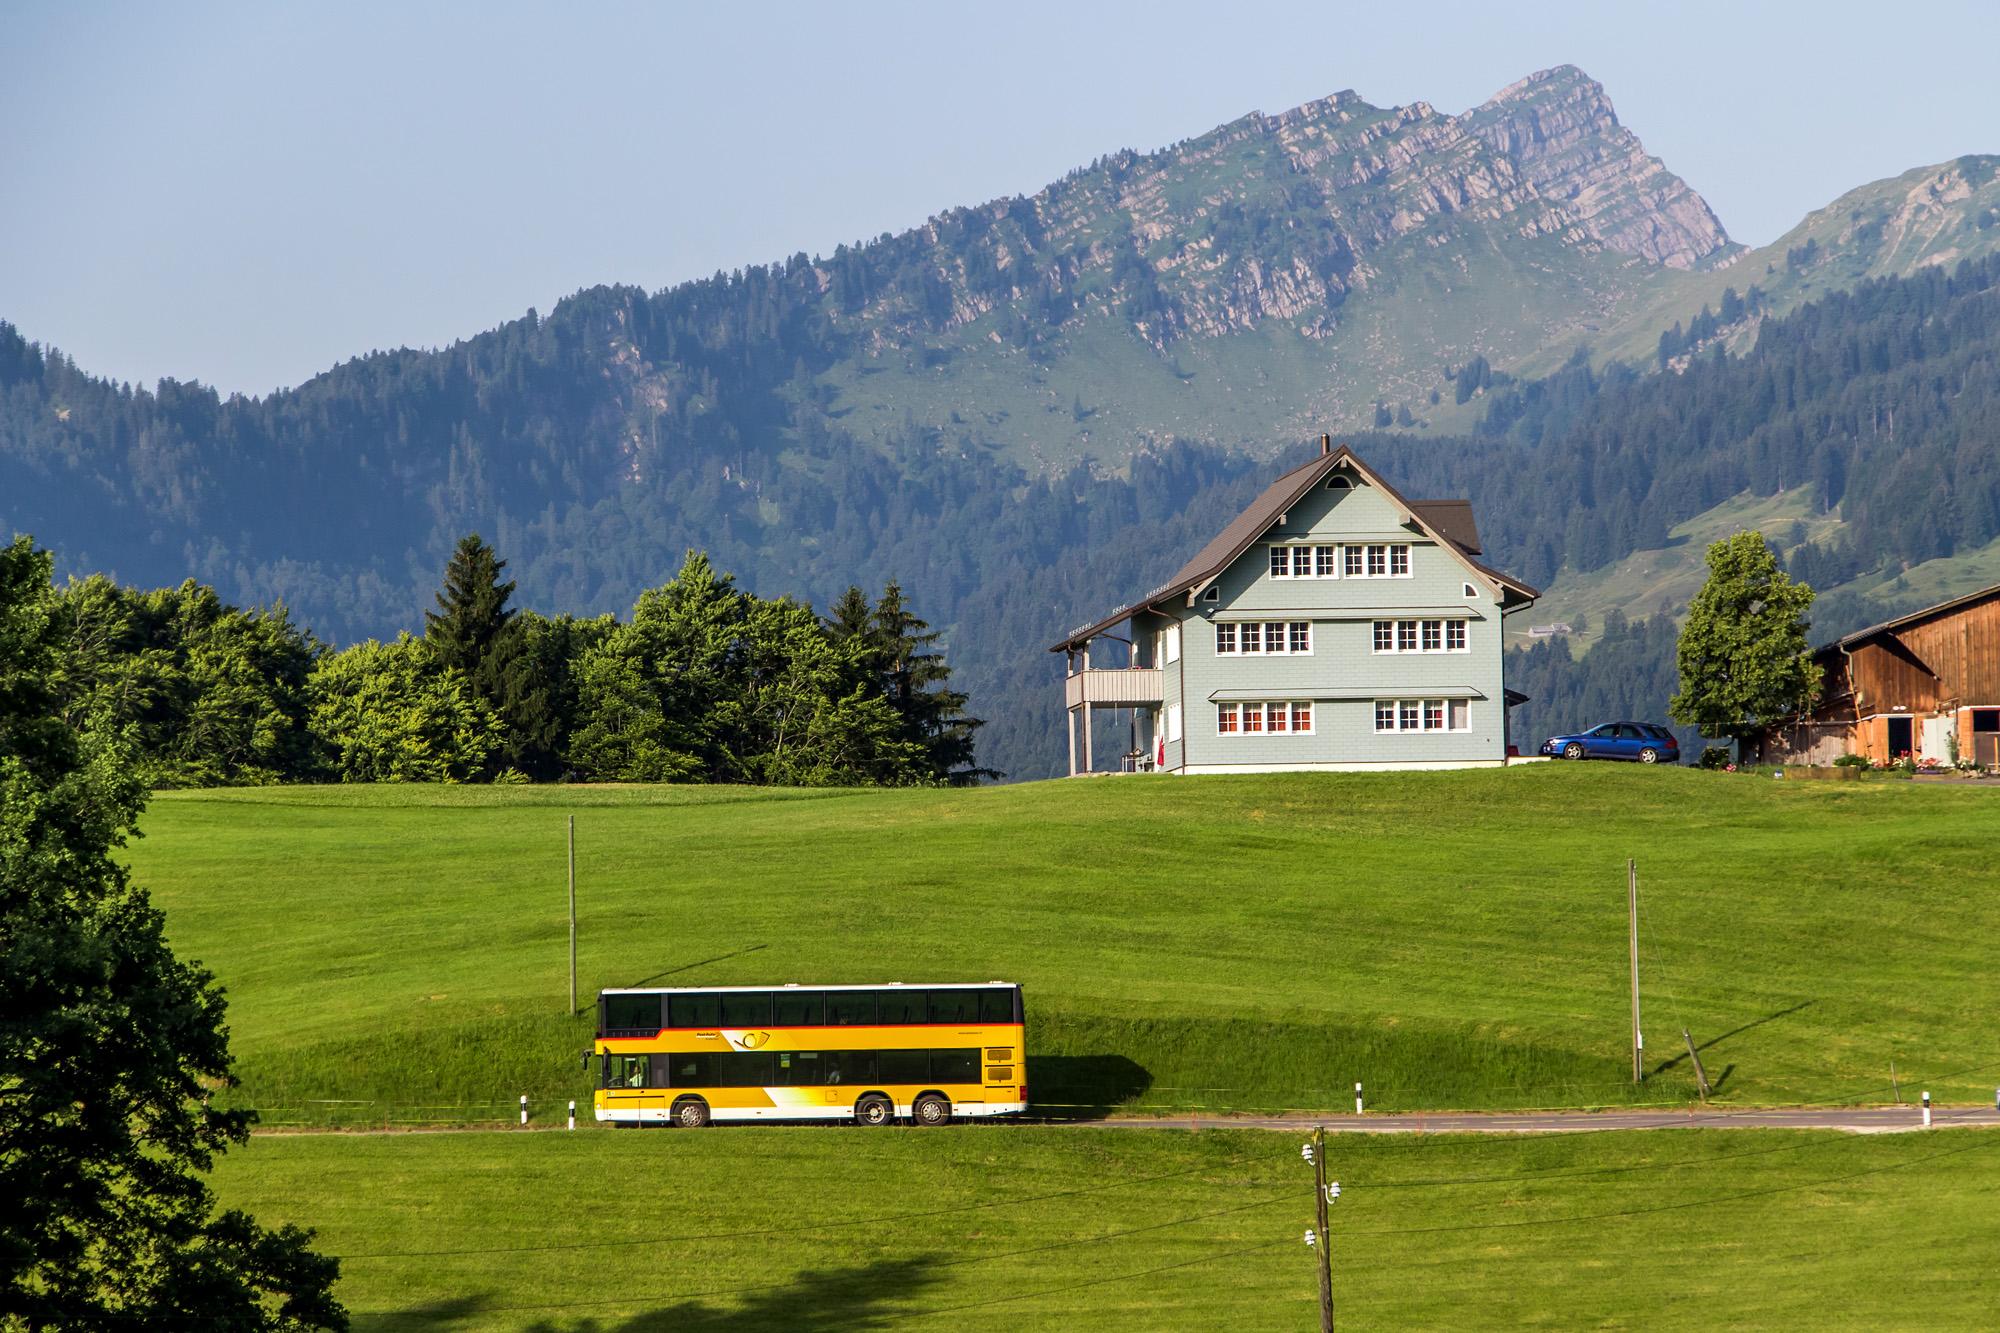 Mehr als ein Strich in der Landschaft - der Doppelstöcker kurz nach Ennetbühl :-)